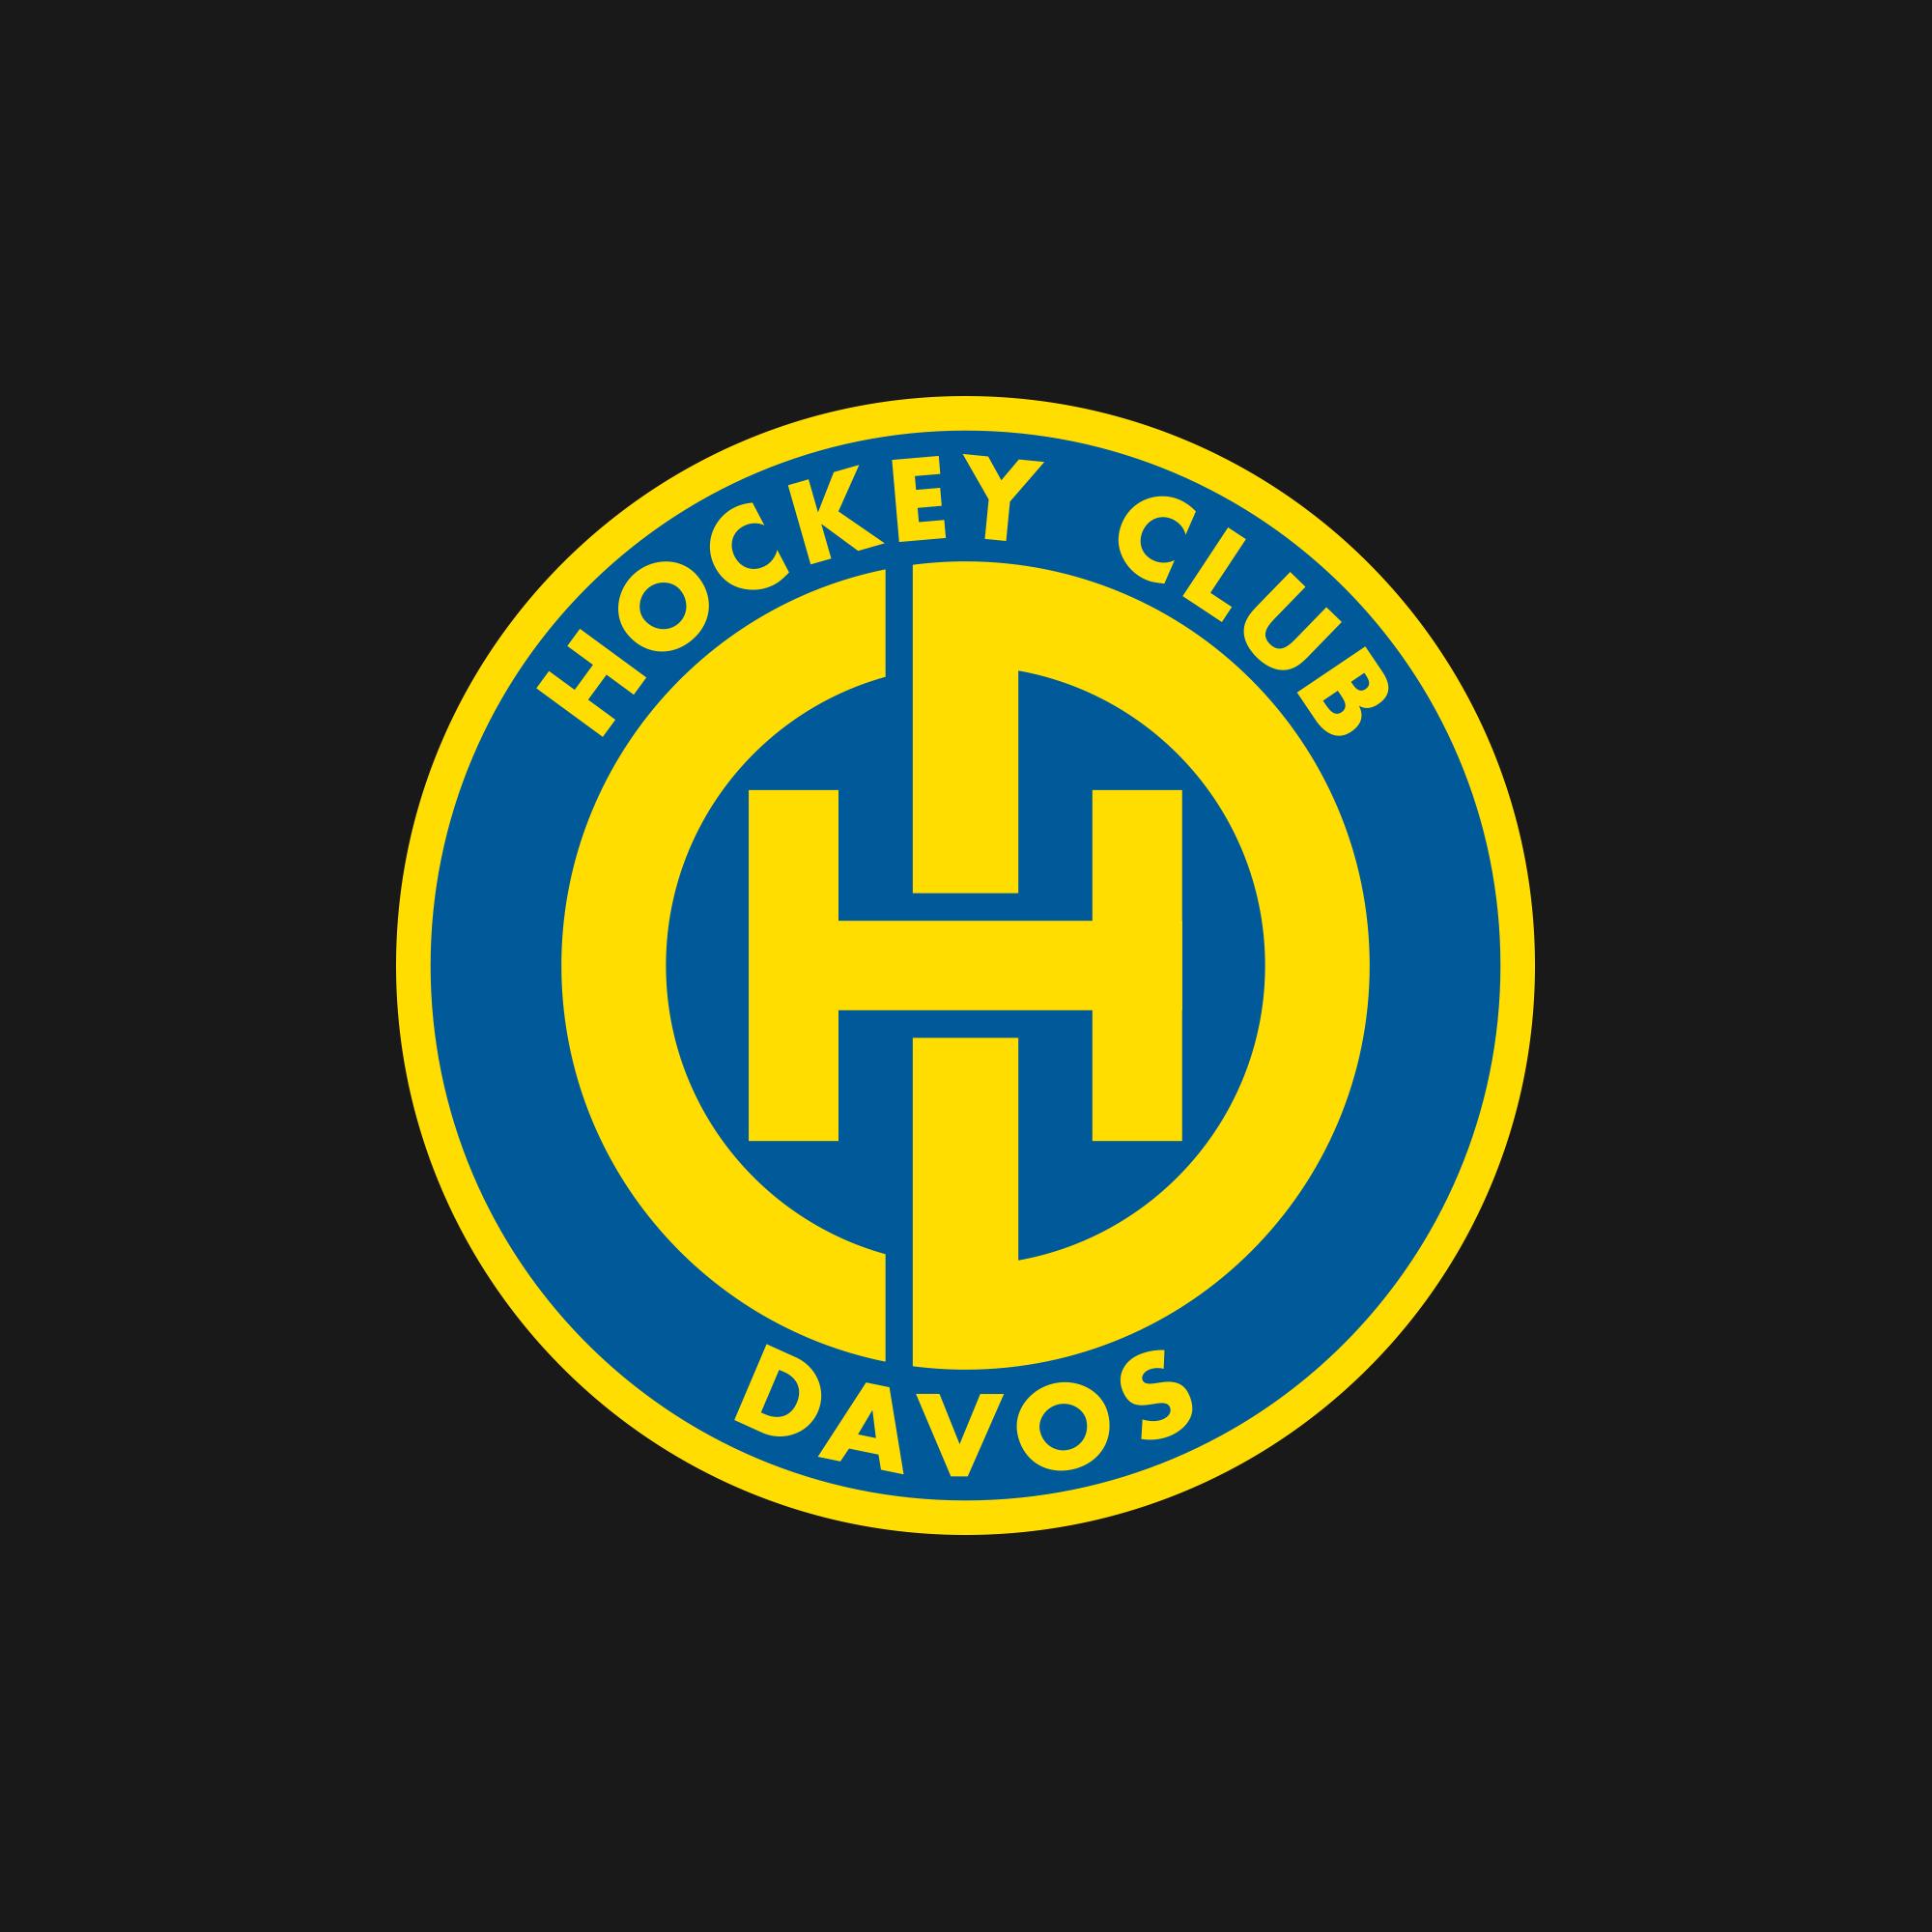 h&p_hockey club davos